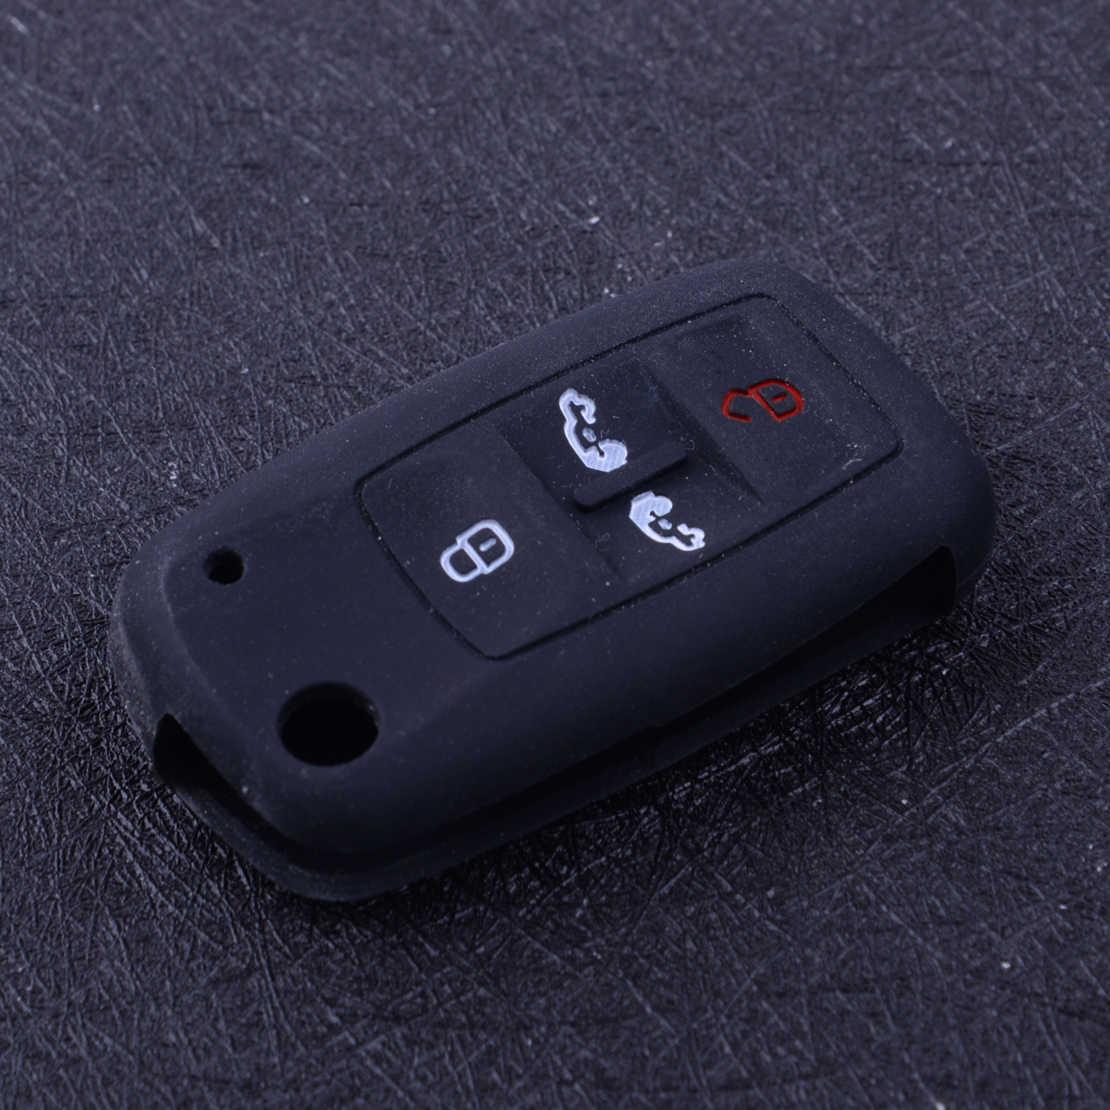 Beler preto silicone 4 botões remoto chave capa caso fob protetor titular apto para vw t5 transportador multivan caddy alhambra